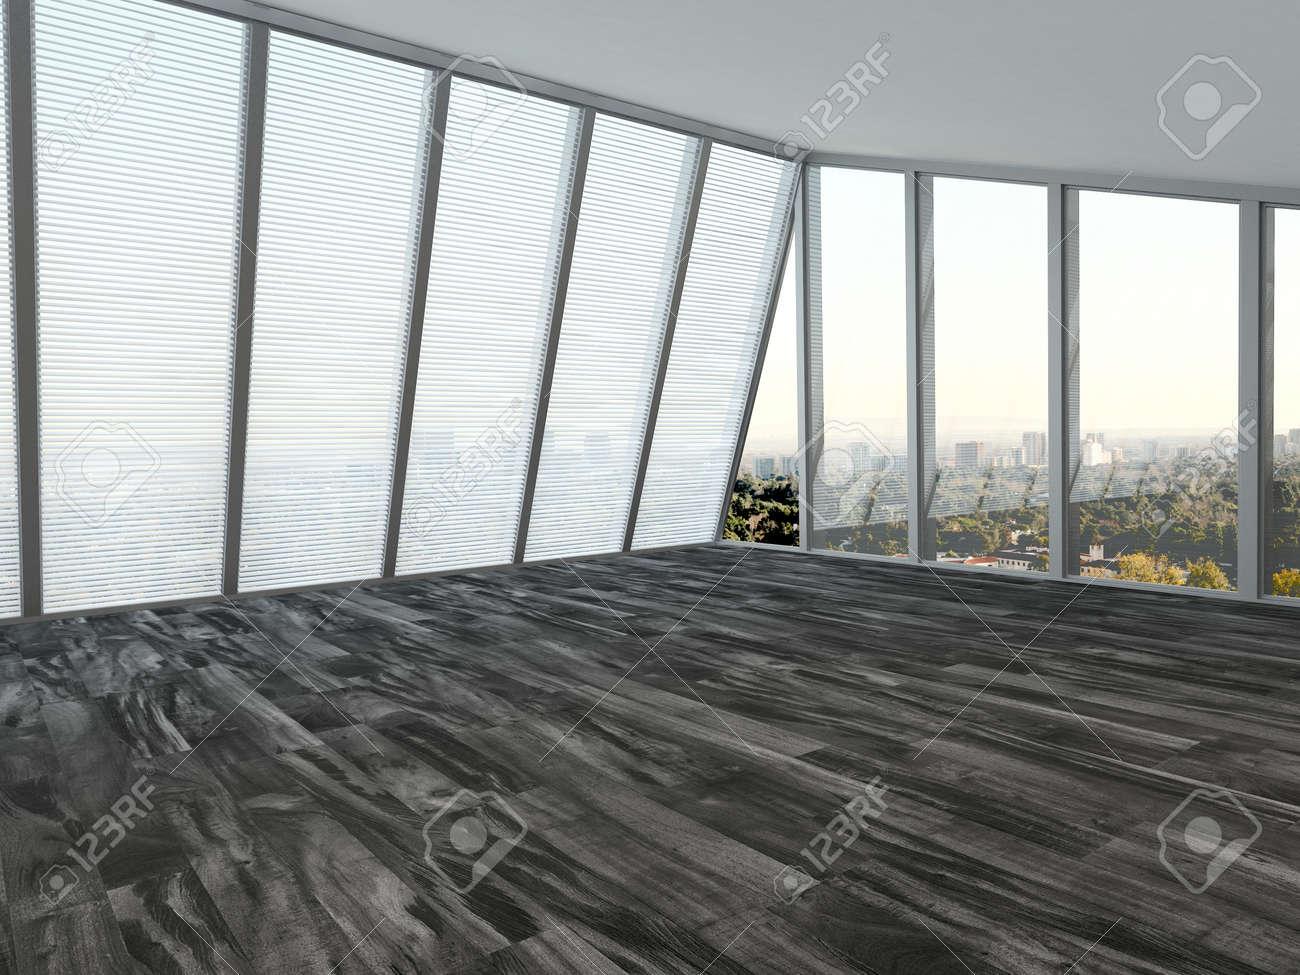 Perfekt Leere Modernen Wohnzimmer Innenraum Mit Einem Deckenhohen Fenster Auf Zwei  Wände Mit Jalousien Und Einem Parkettboden